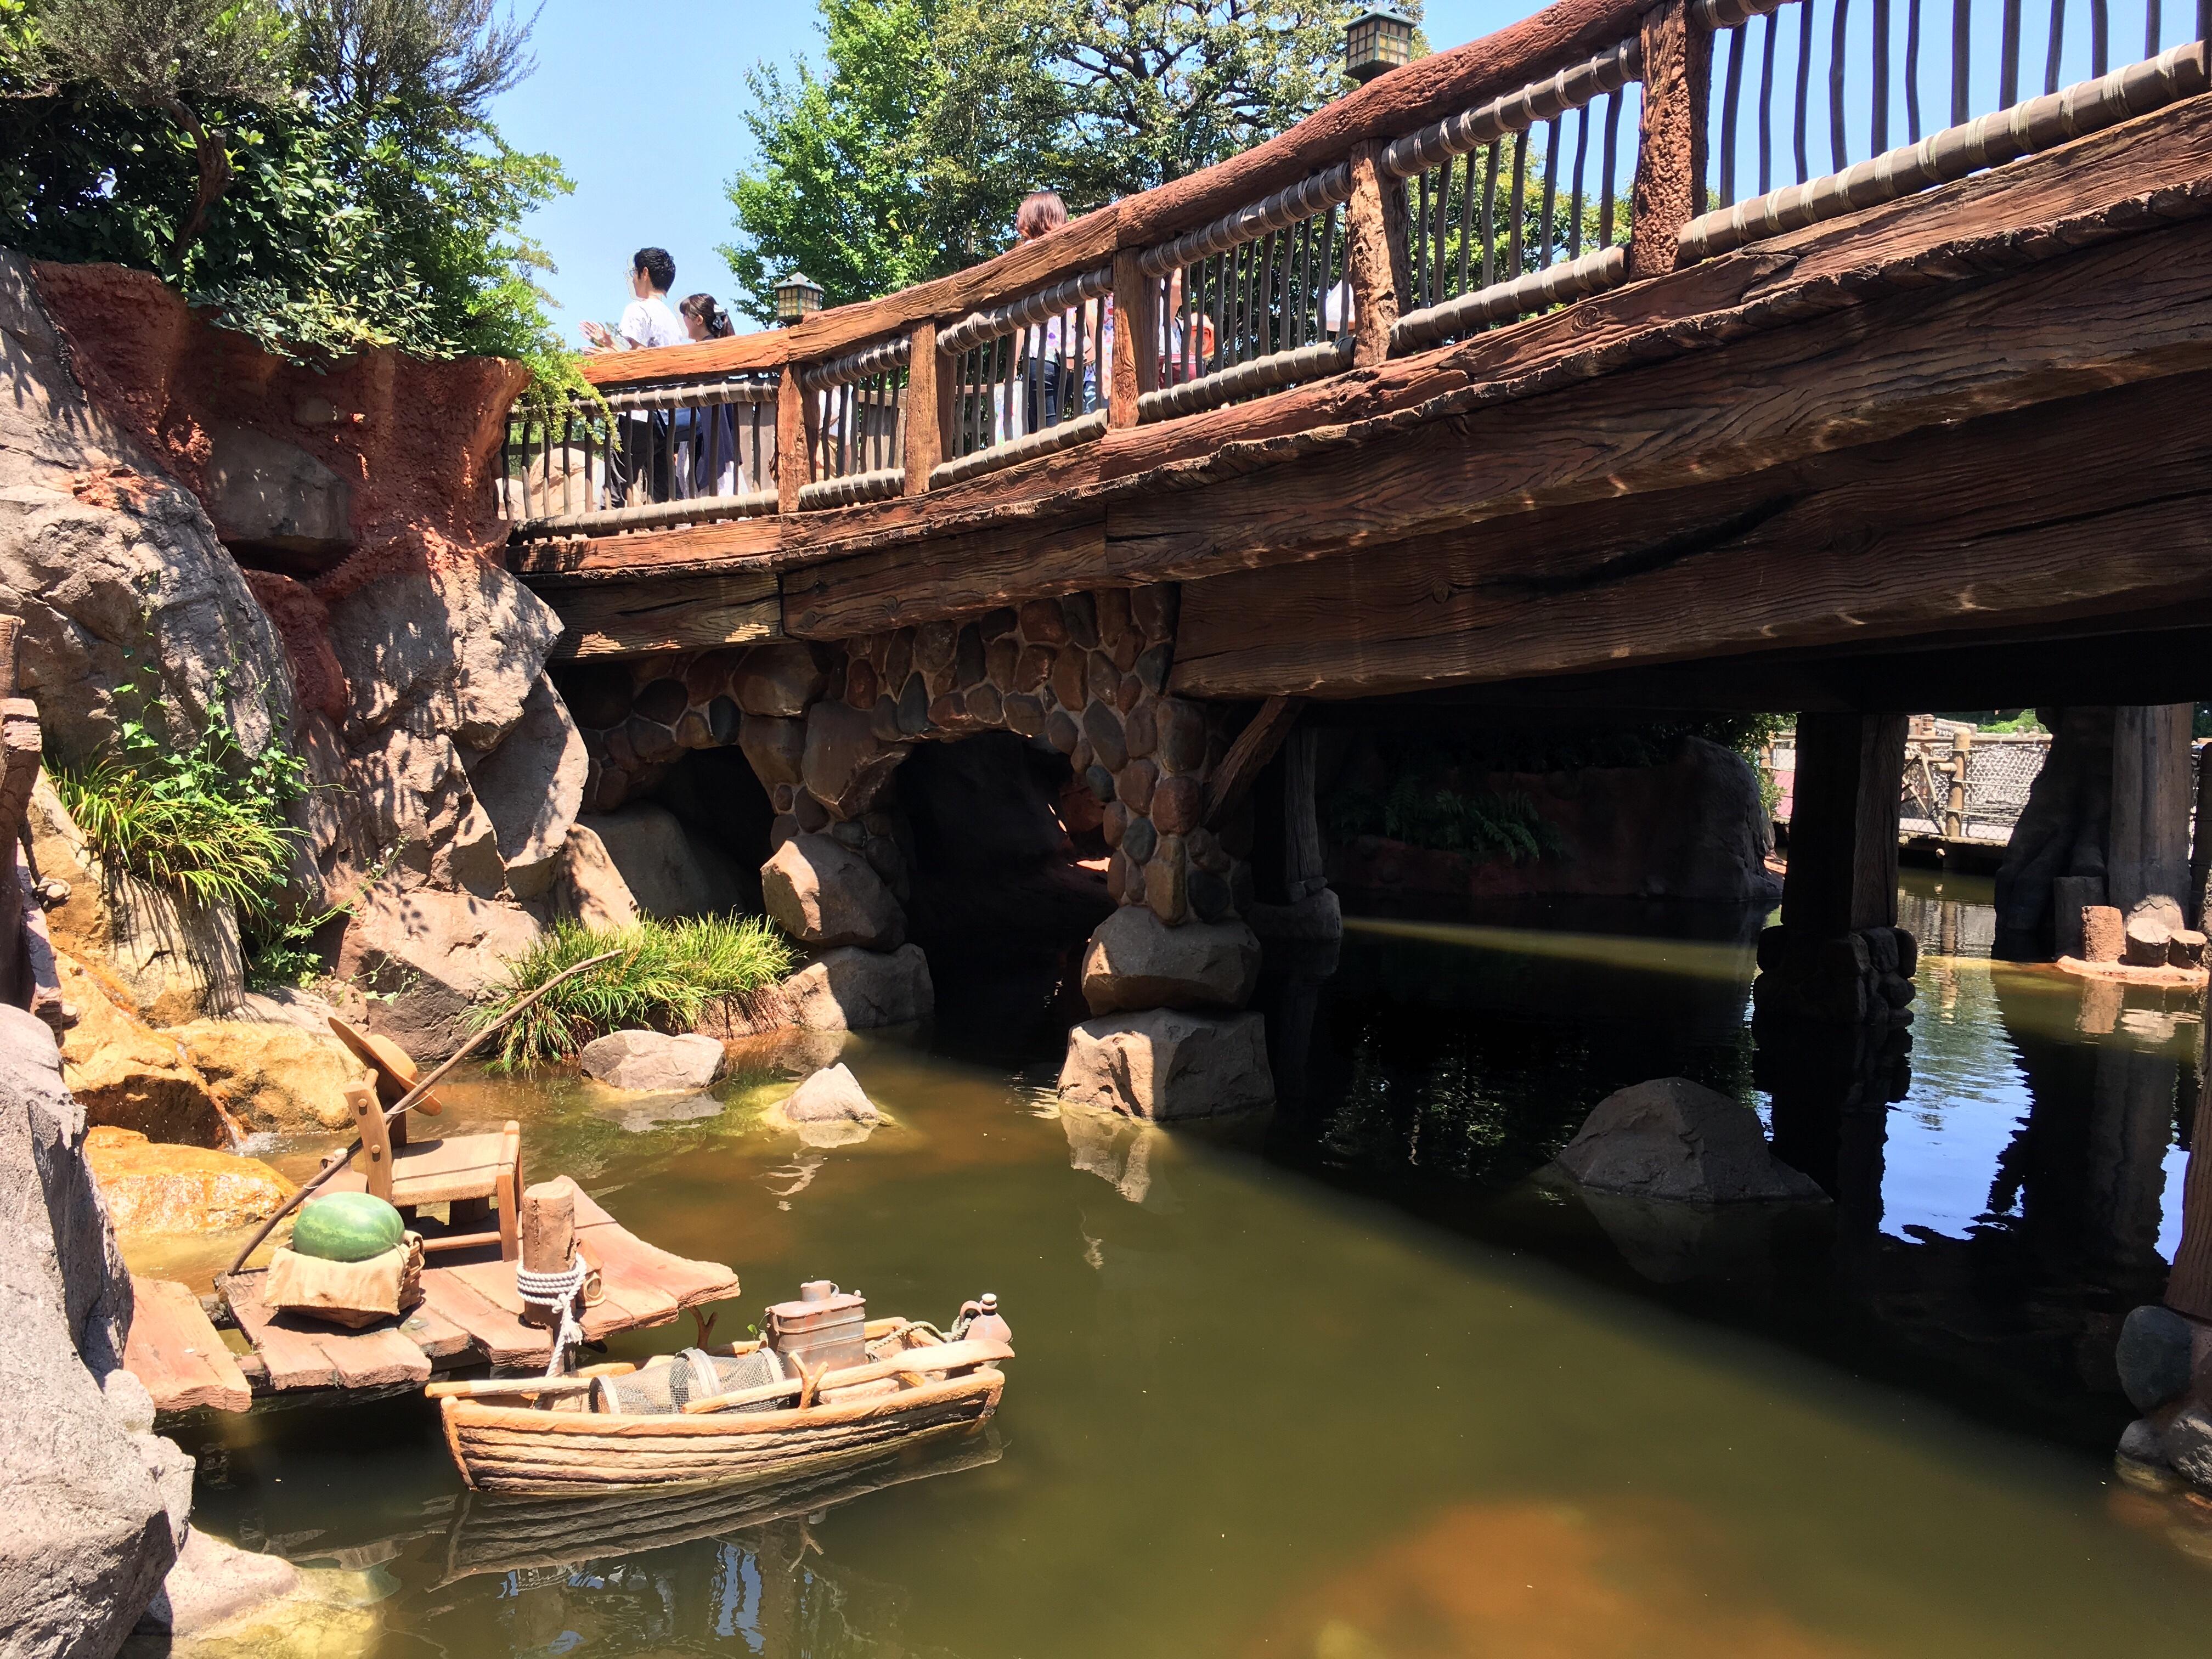 ディズニーランドの橋と川